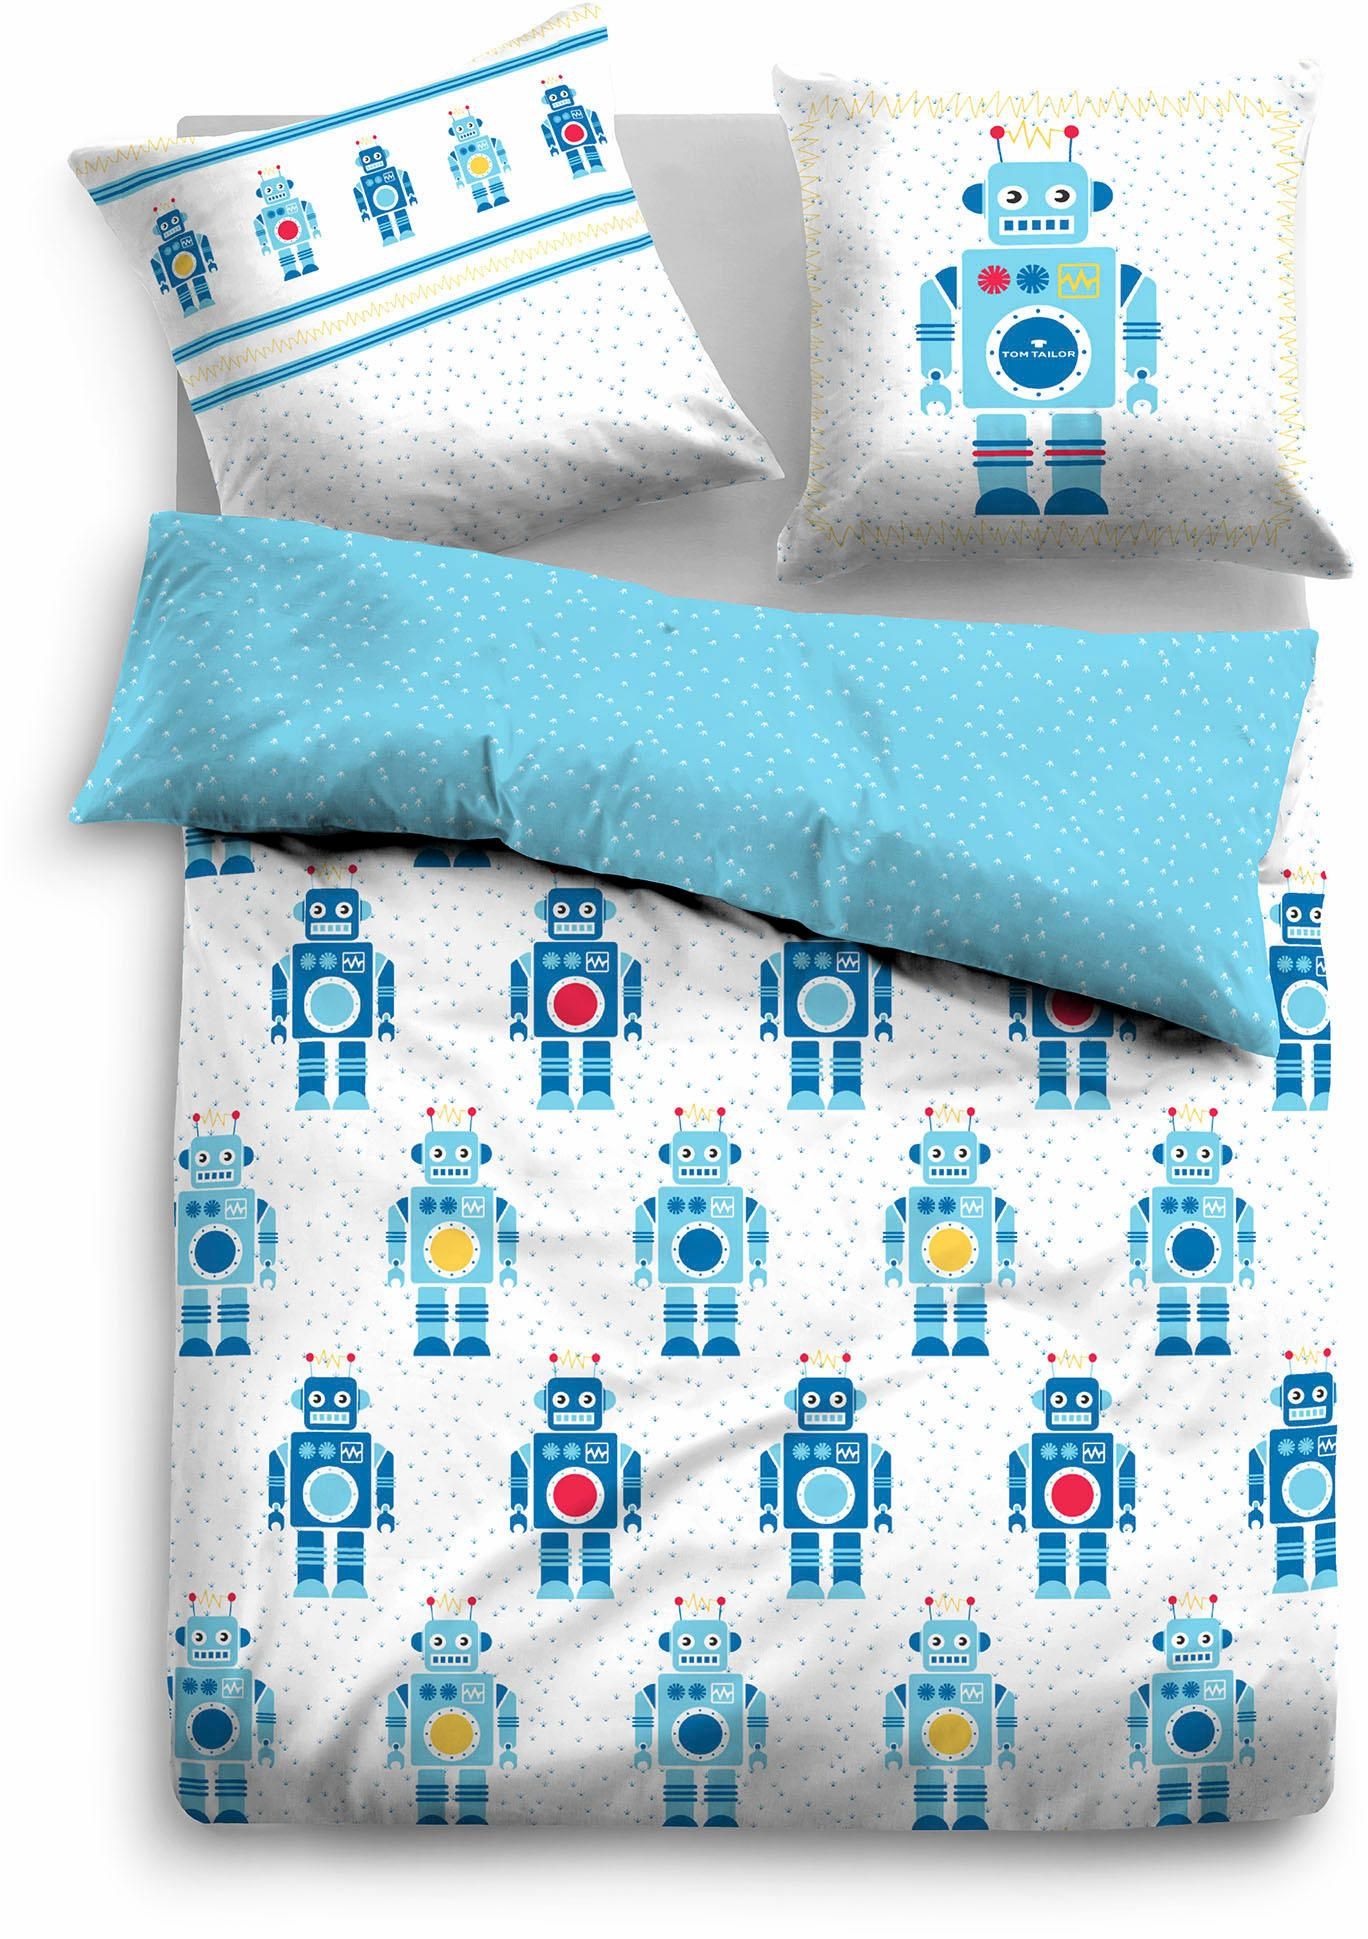 Kinderbettwäsche, Tom Tailor, »Beni«, mit Robotern | Kinderzimmer > Textilien für Kinder > Kinderbettwäsche | Blau | Baumwolle | TOM TAILOR